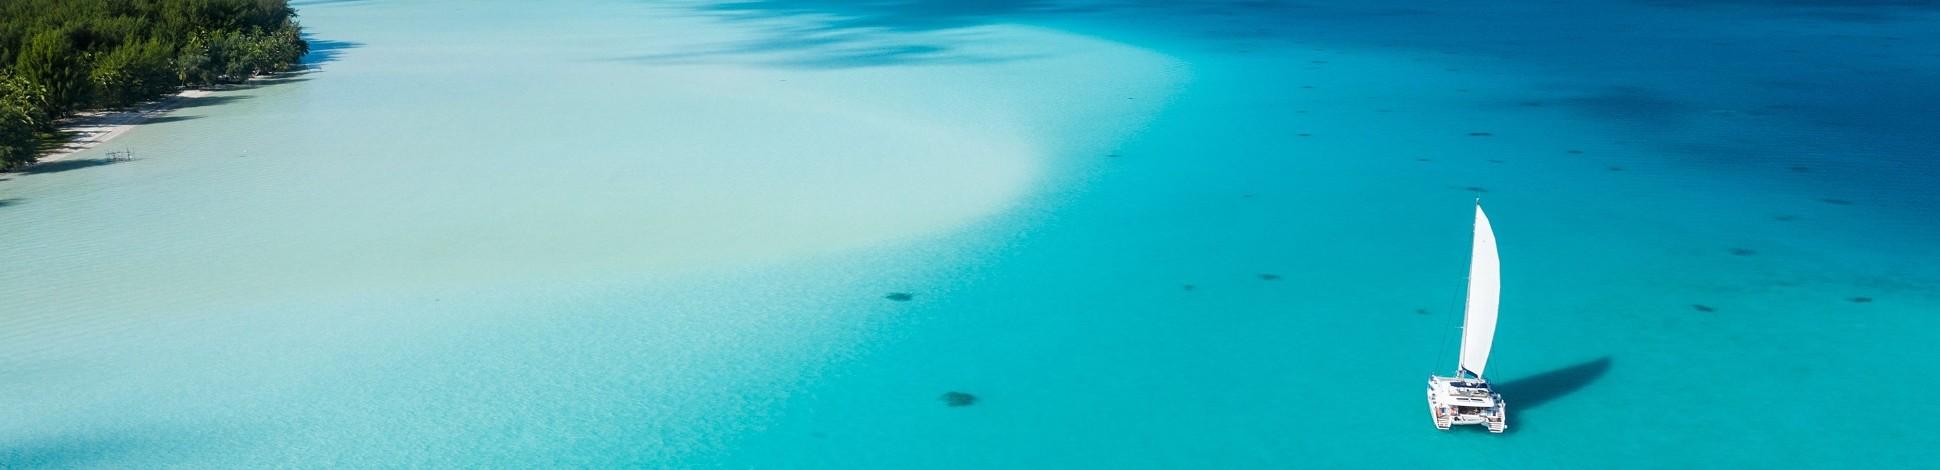 Archipels Cruises catamaran voile Polynésie Française